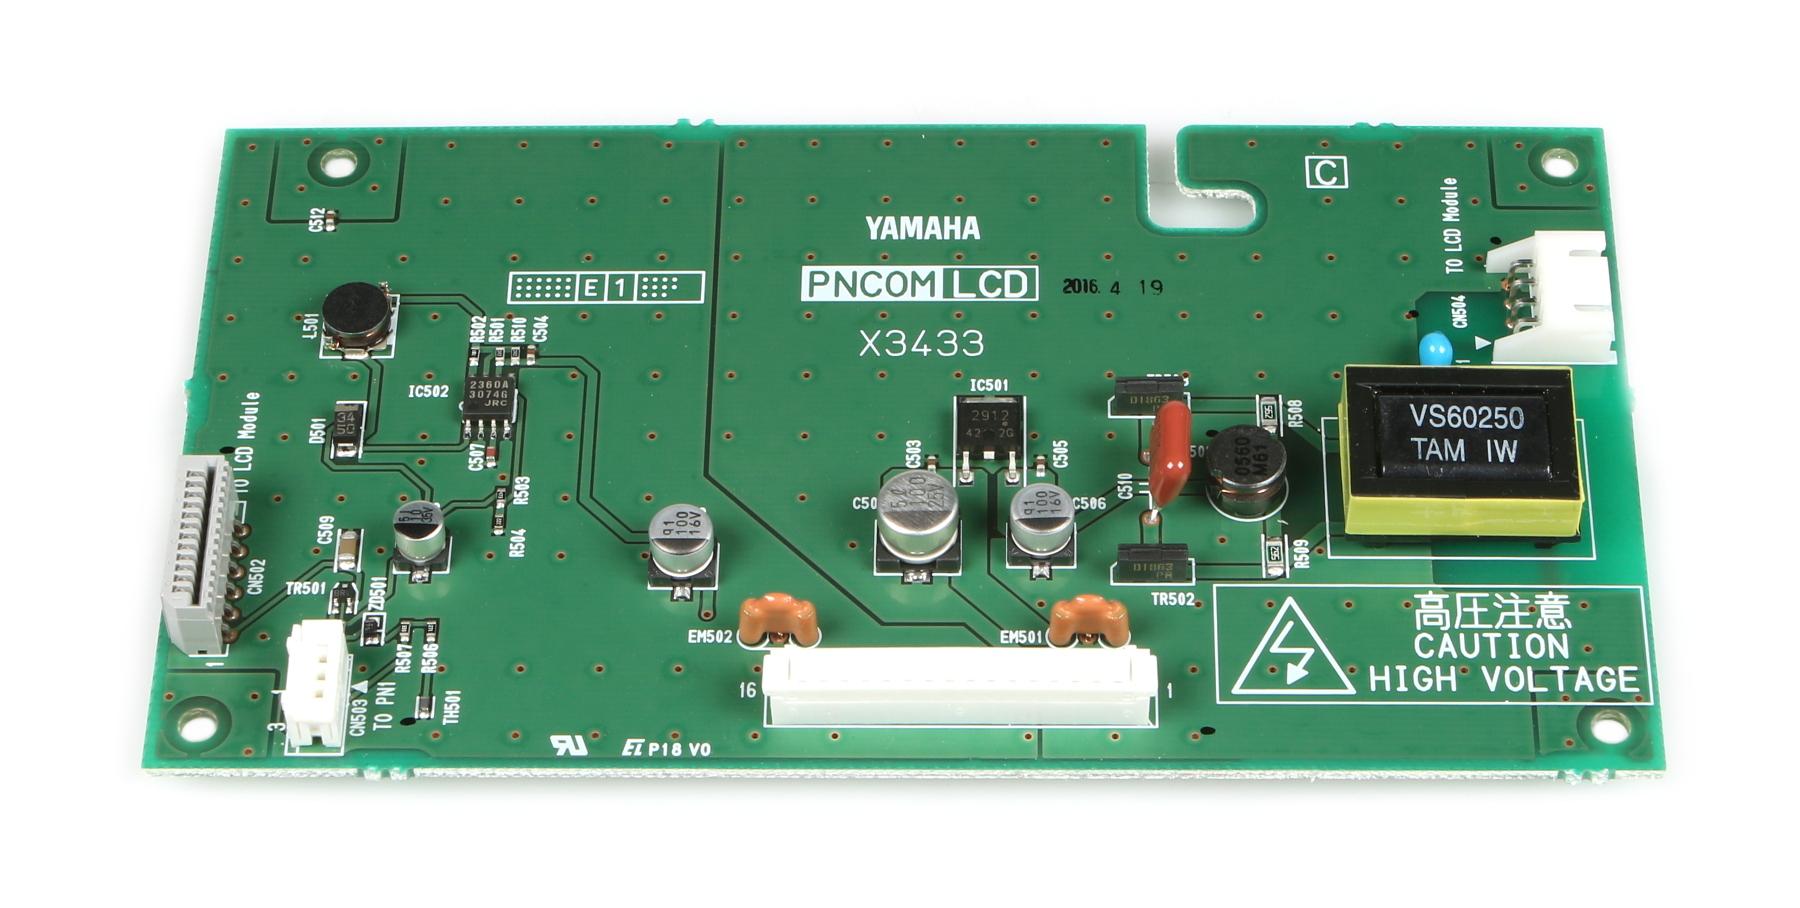 Yamaha V9900601 DM1000 LCD PCB V9900601